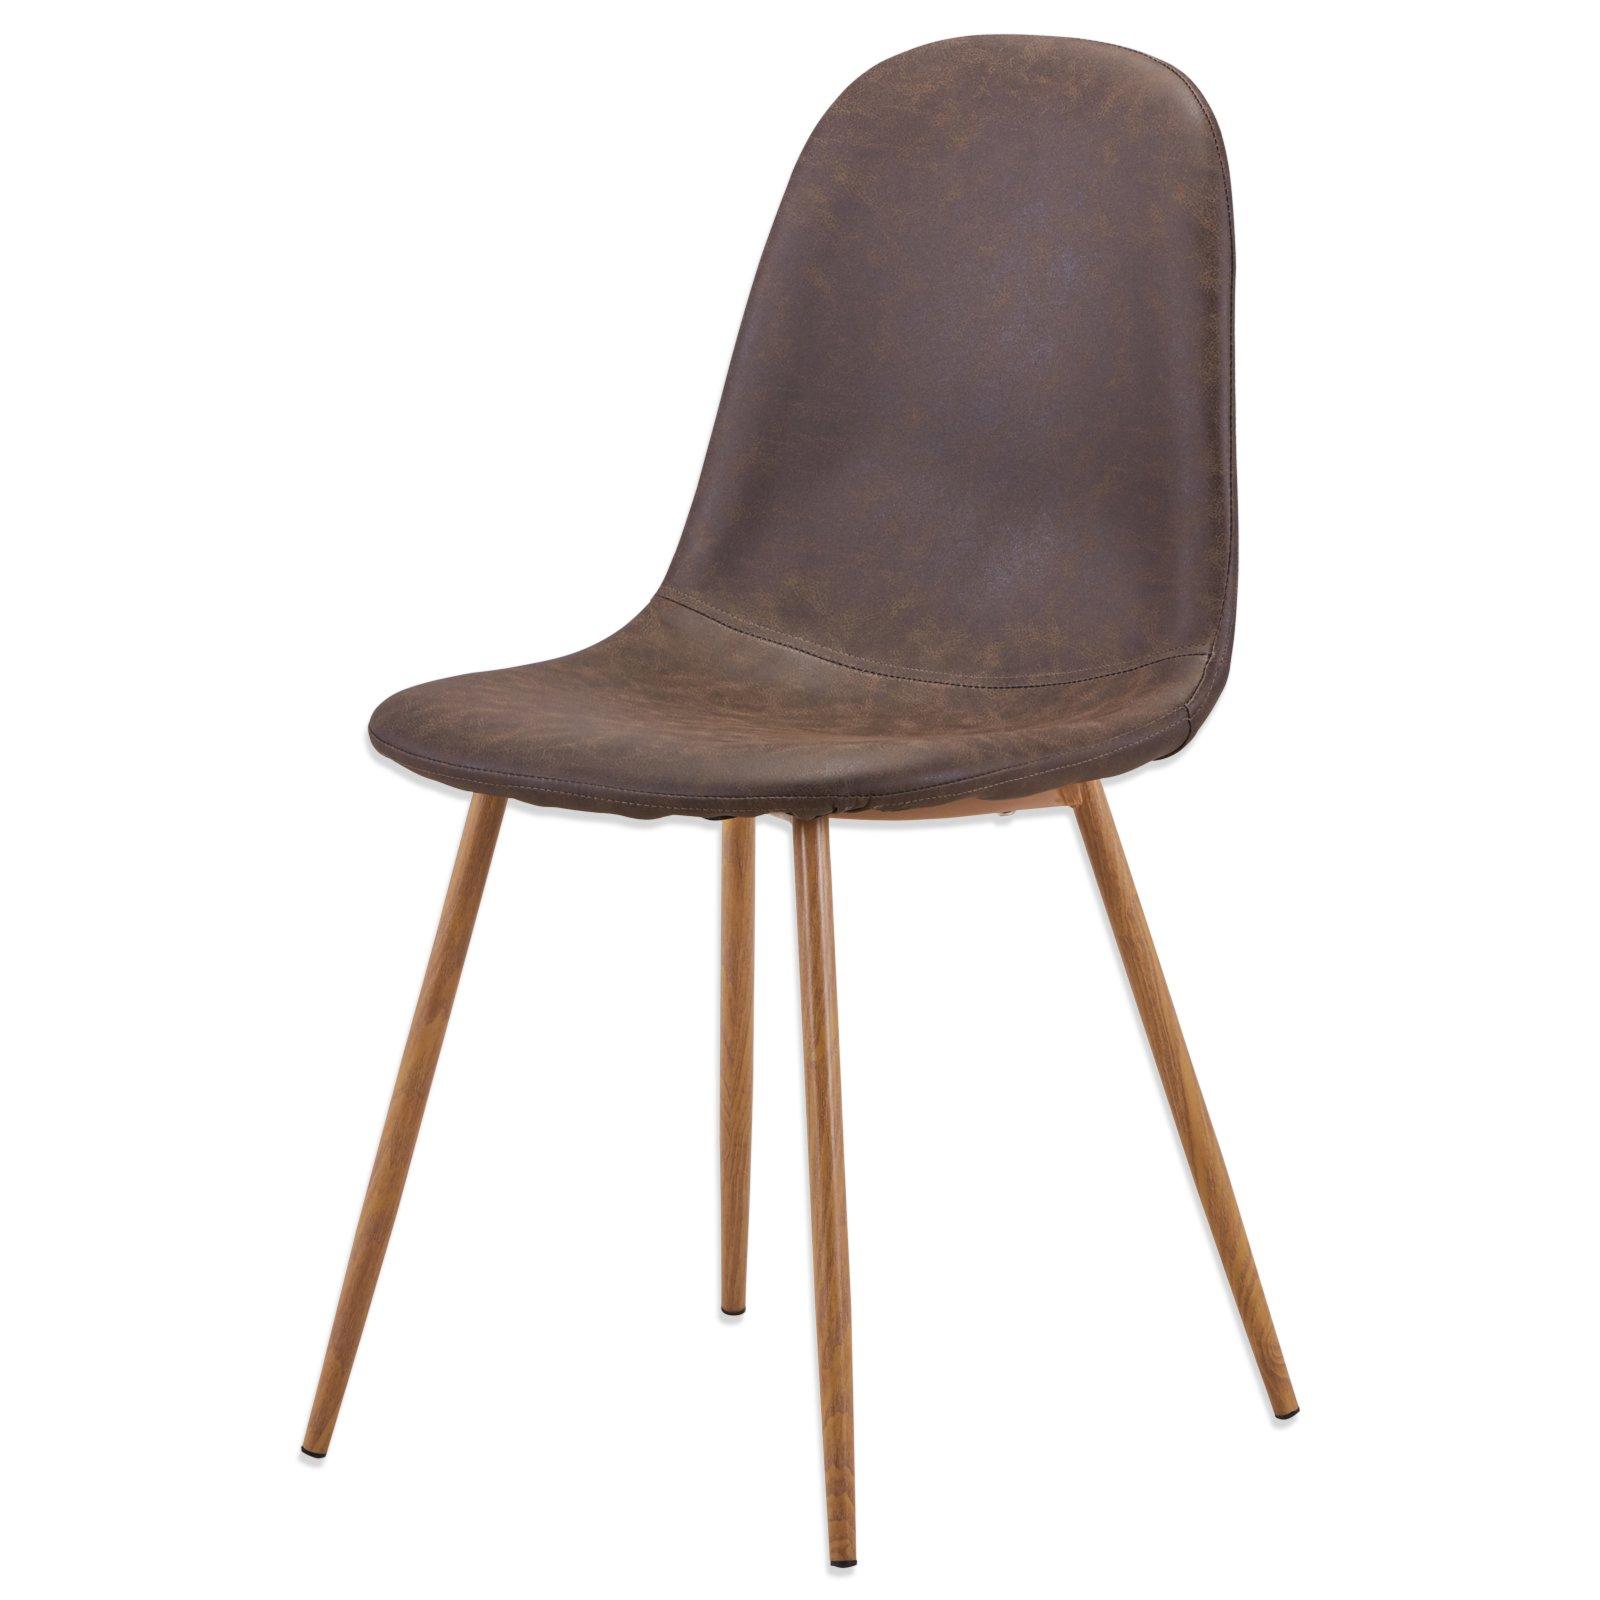 stuhl charlton braun eiche kunstleder polsterst hle st hle st hle hocker m bel. Black Bedroom Furniture Sets. Home Design Ideas